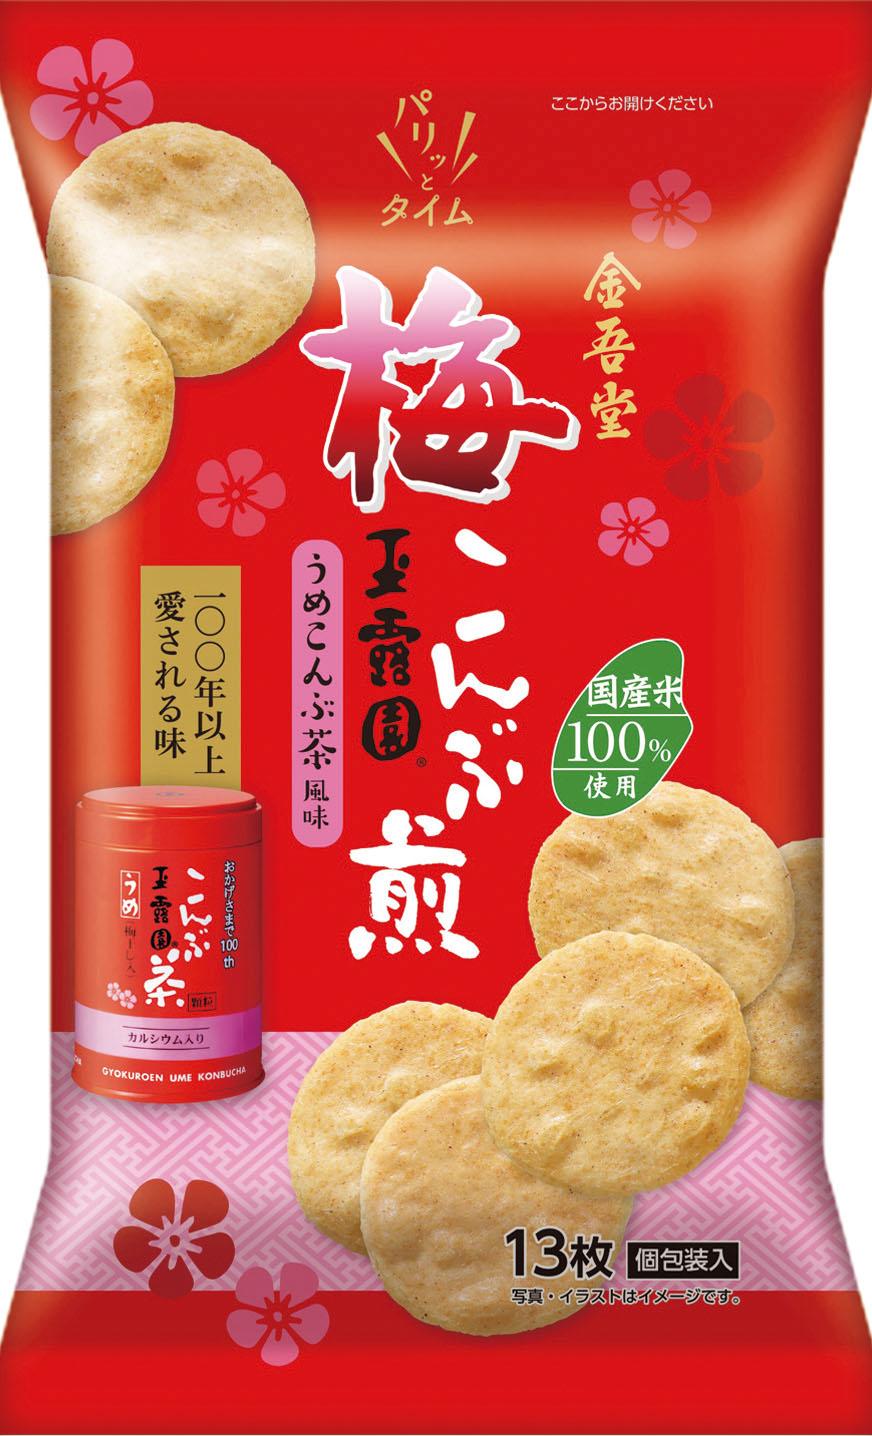 【期間限定】<br /> 梅こんぶ煎<br /> 玉露園うめこんぶ茶風味